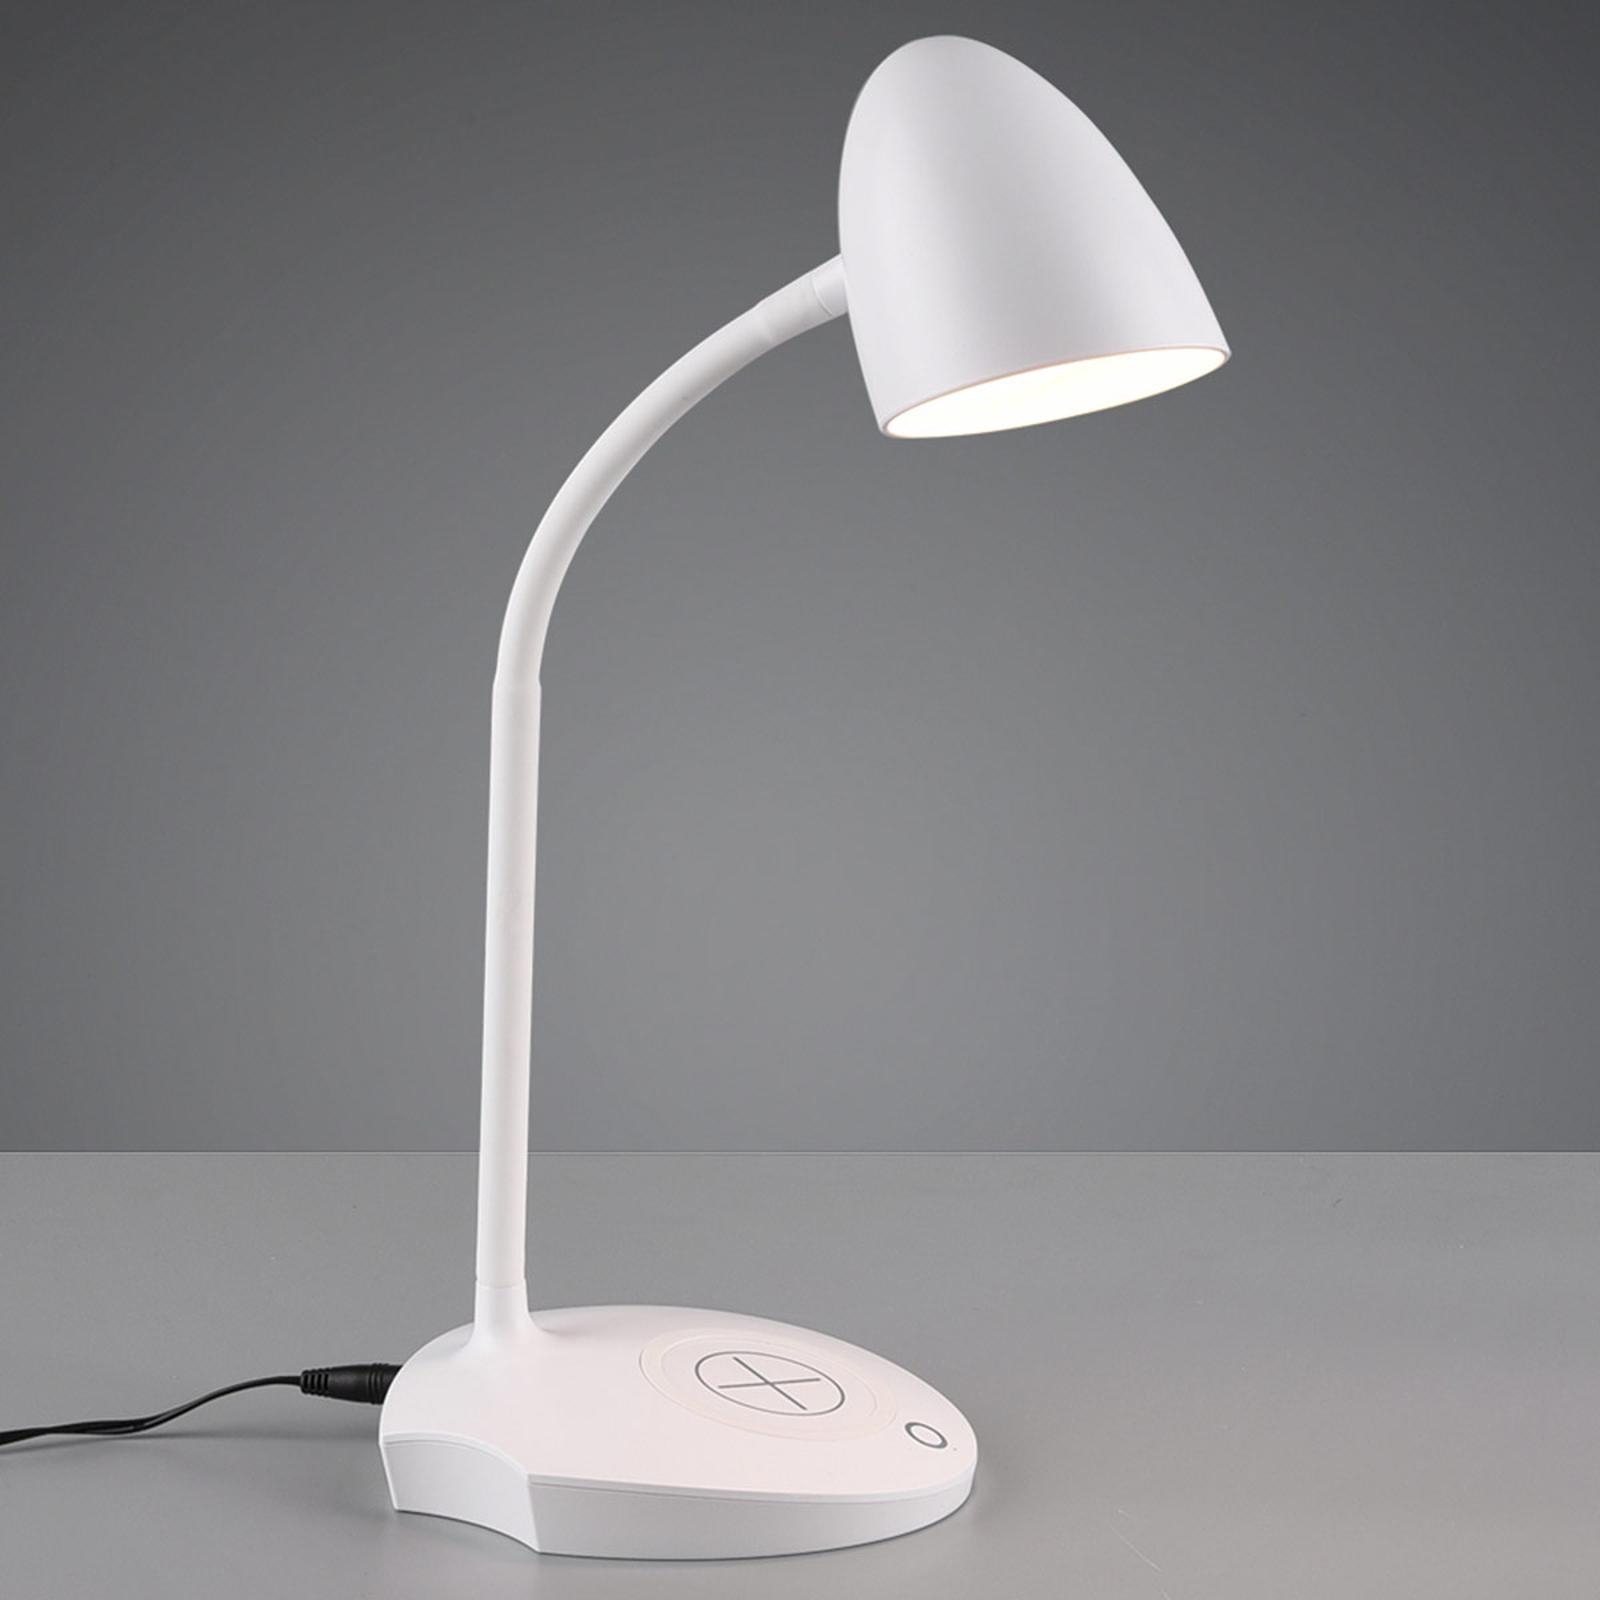 LED-Tischleuchte Load, induktive Ladestation, weiß